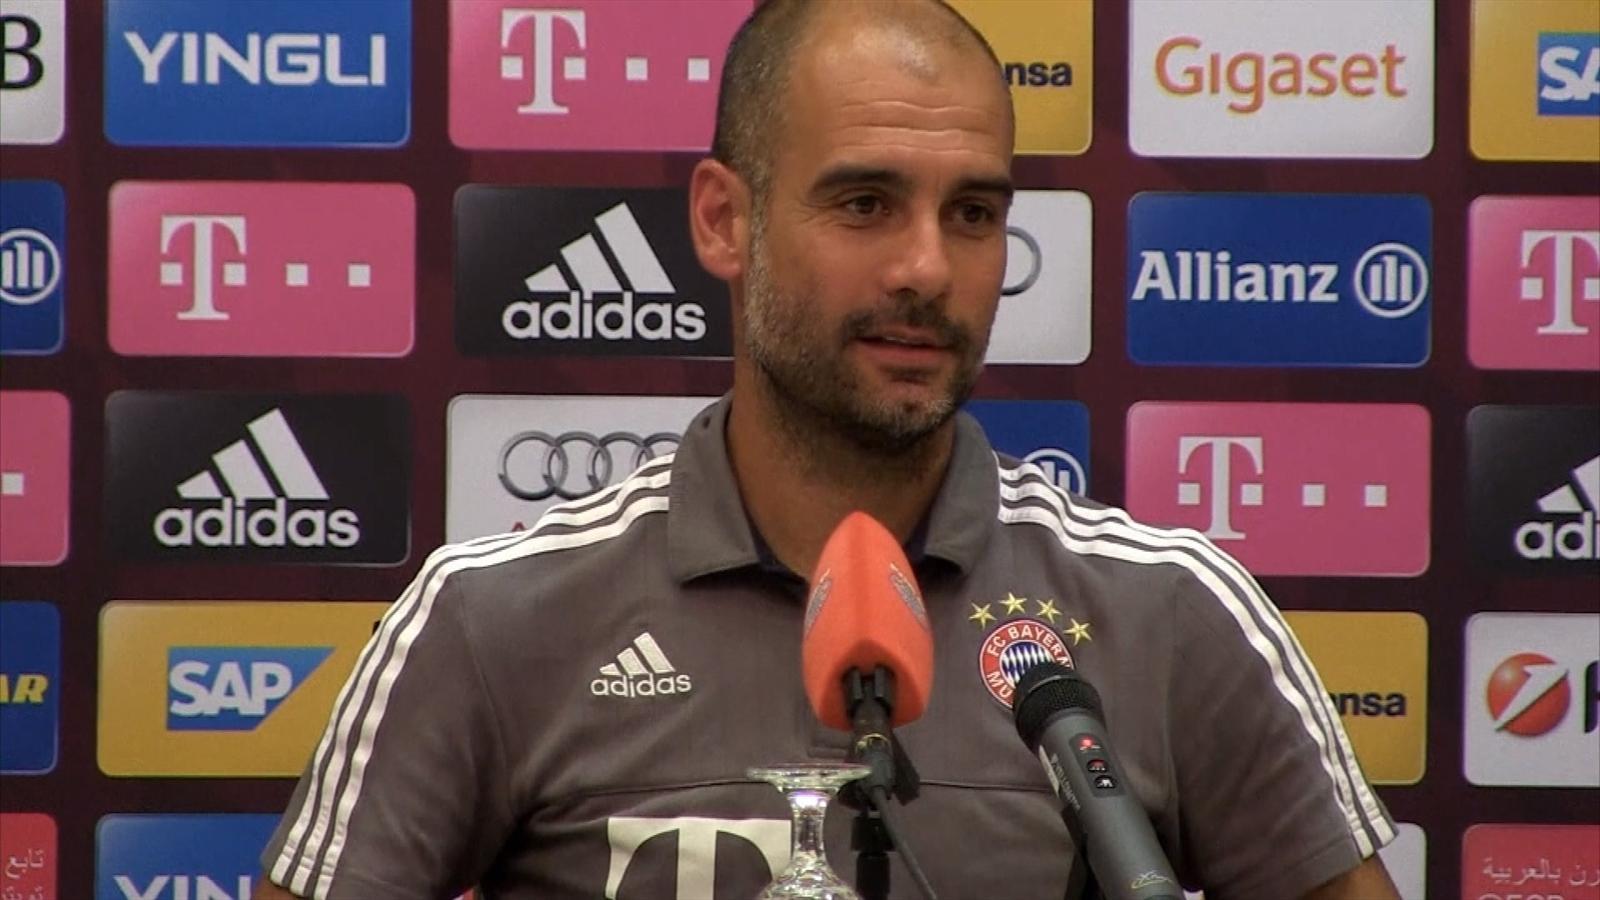 Bayern Munich boss Pep Guardiola at a press conference in Doha